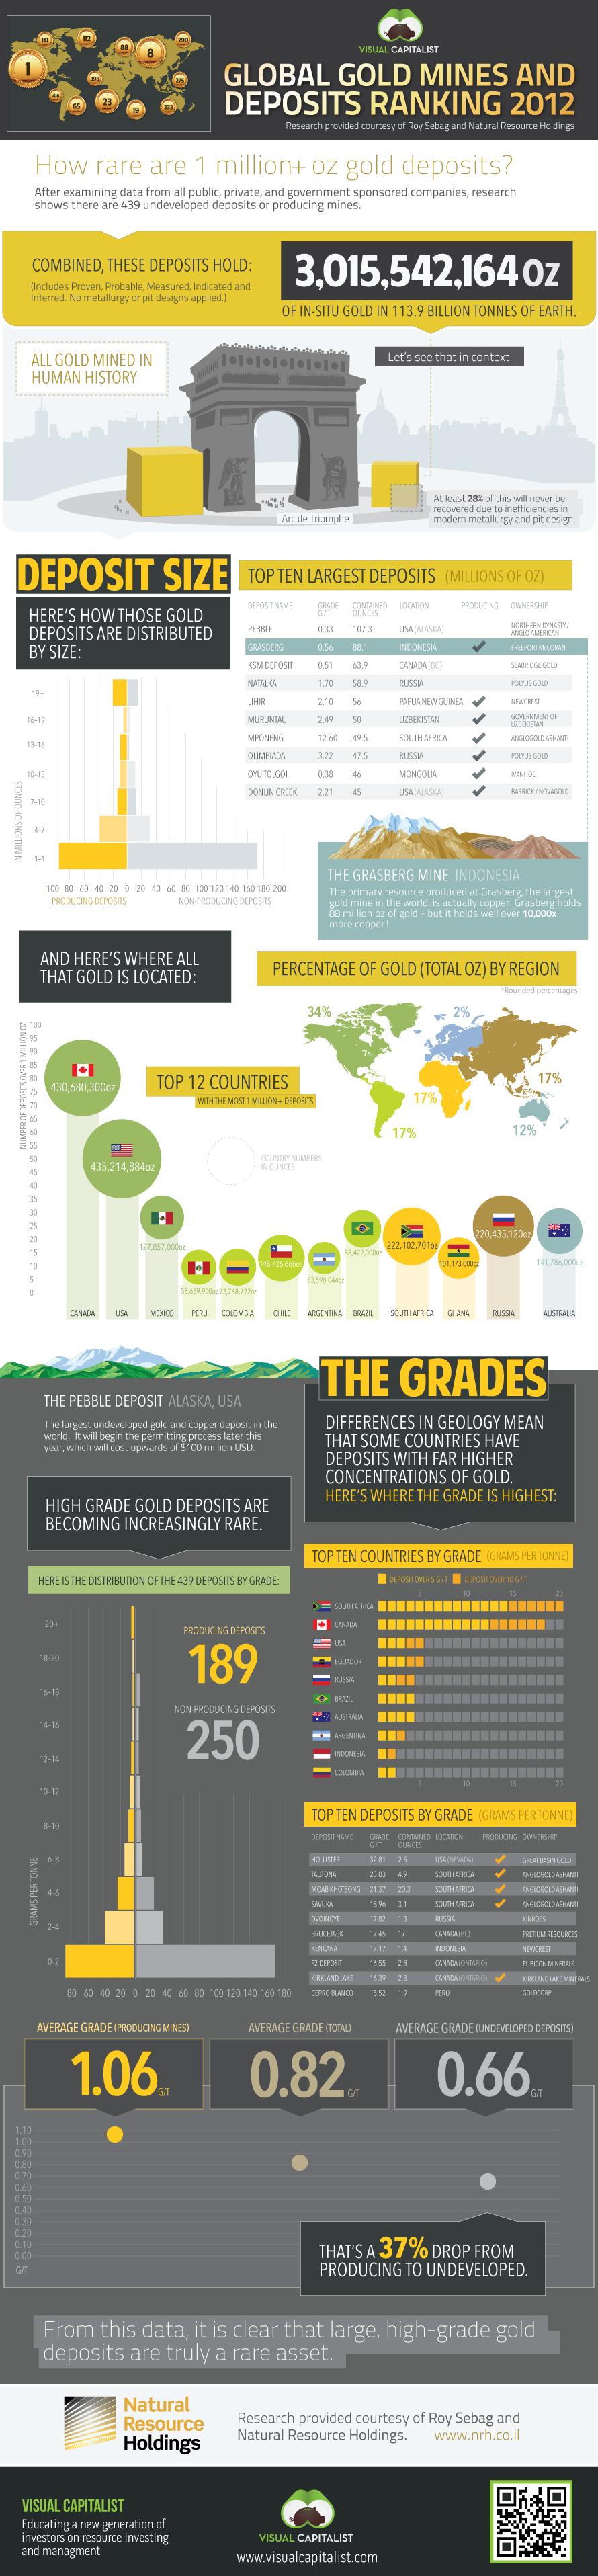 złoza-zlota-infografika